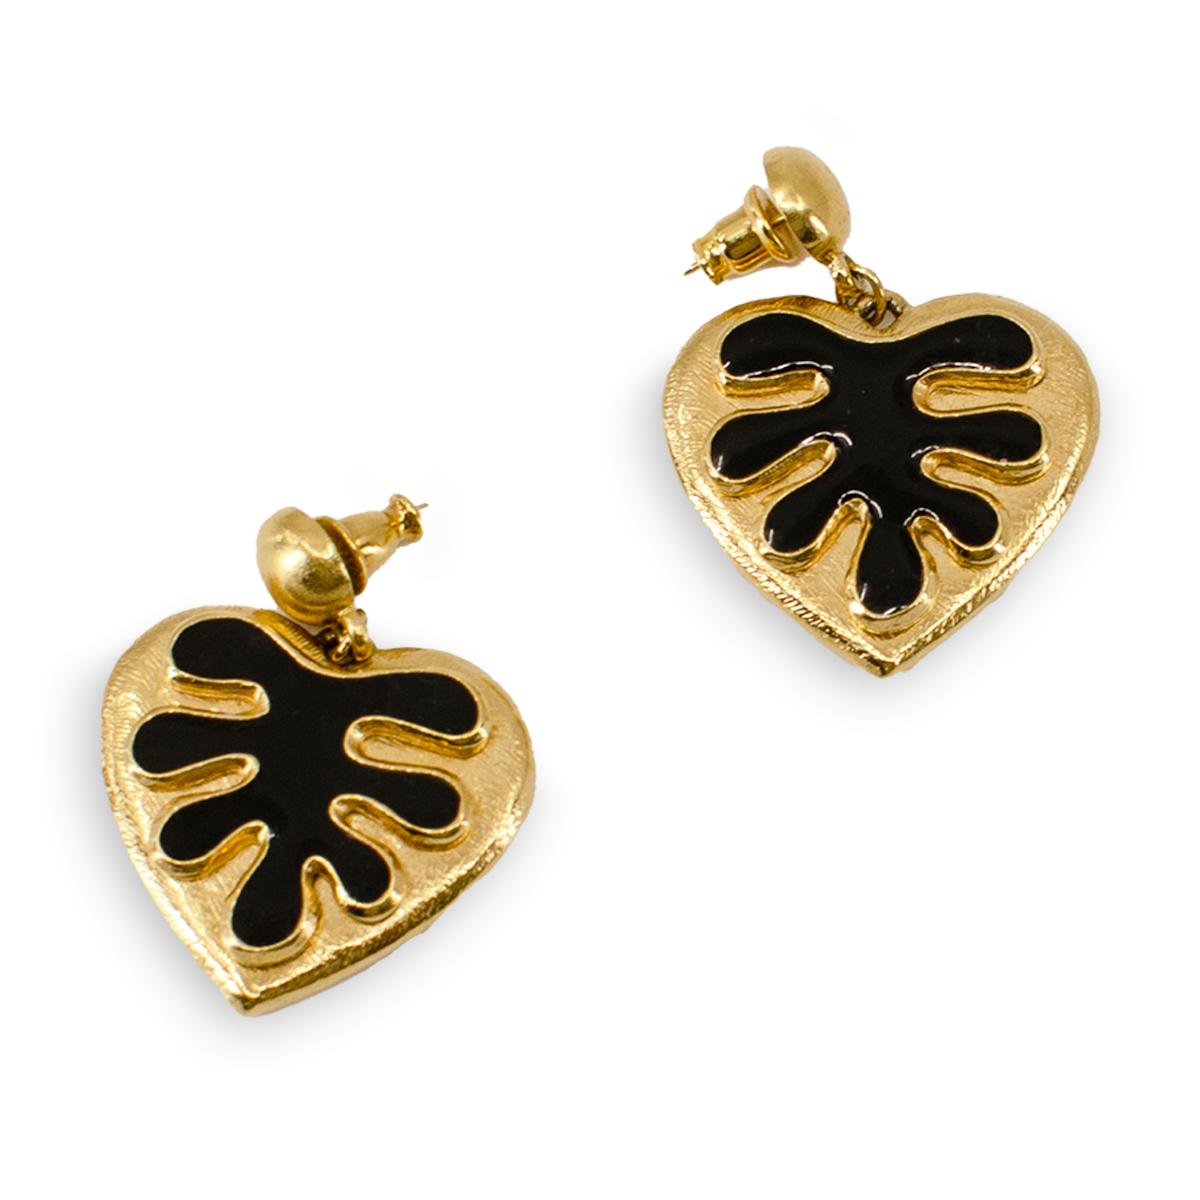 YSL earrings, matisse jewelry